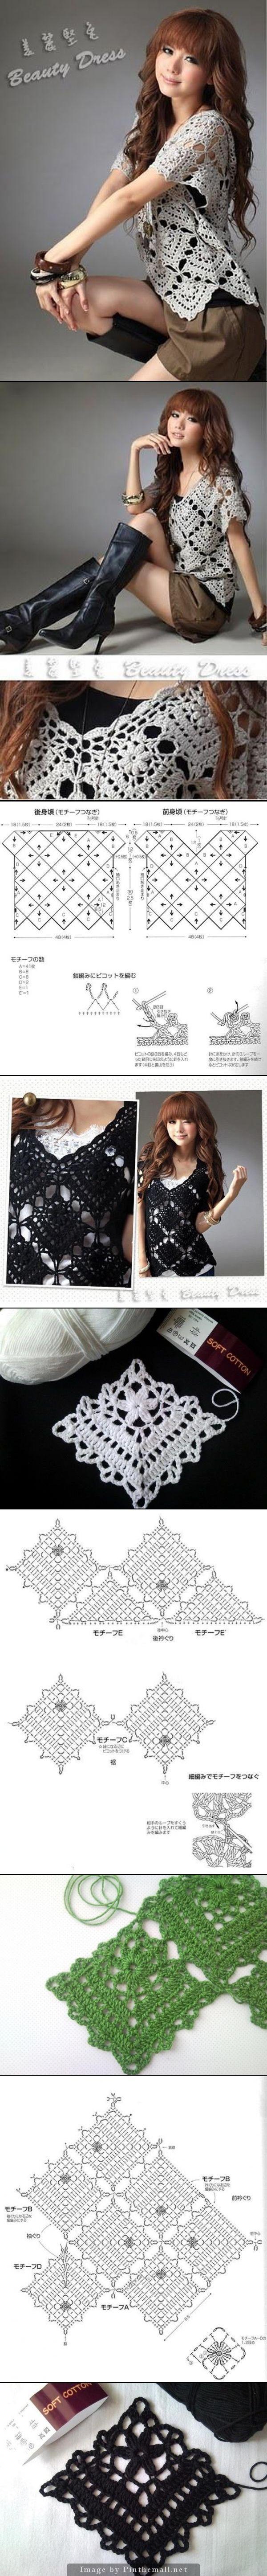 Crochet motif pullover -  liveinternet.ru/journalshowcomments.php?jpostid=230586039&journalid=4342765&go=next&categ=0